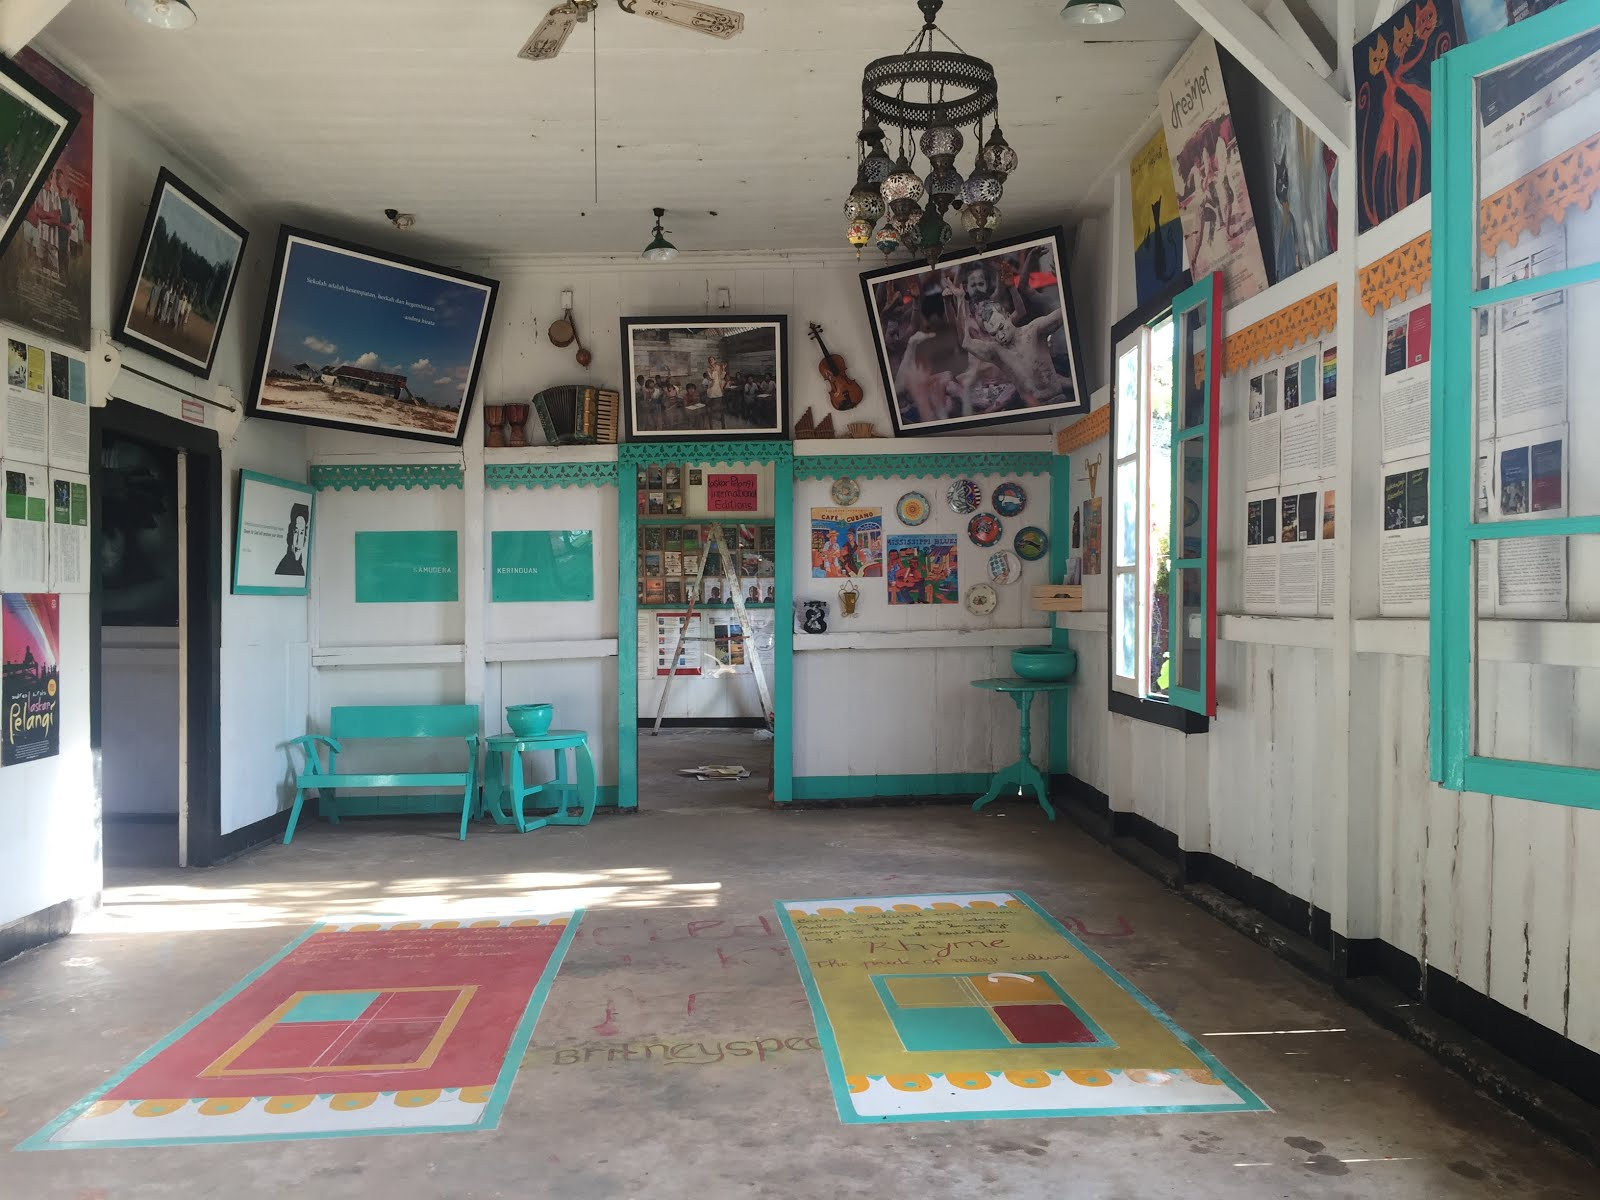 Du Lịch Belitung - Indonesia bảo tàng Kata Andrea Hirata